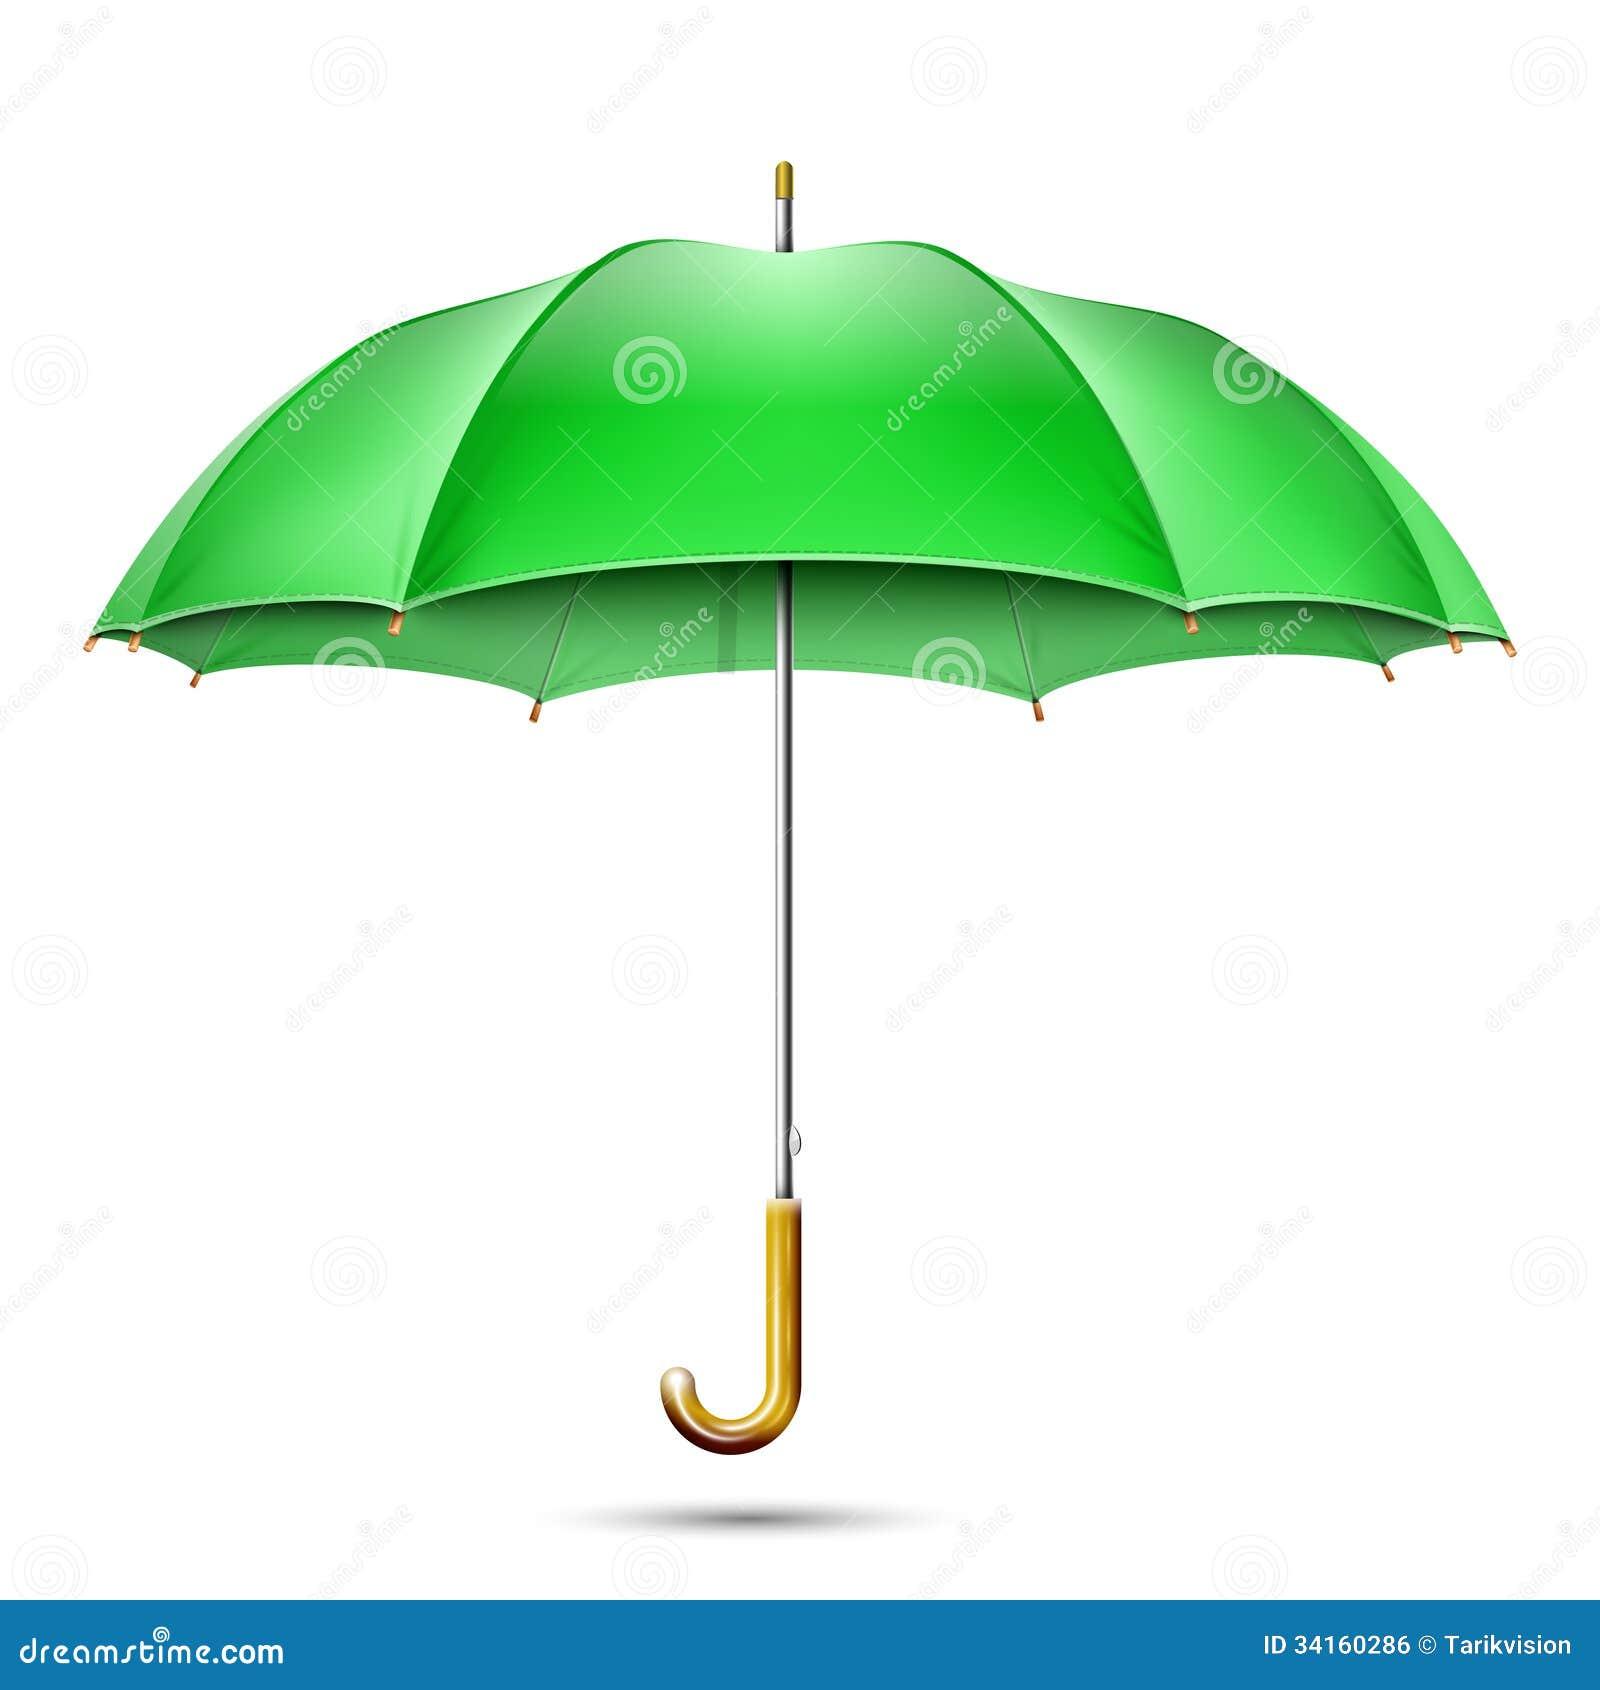 Green umbrella clip art